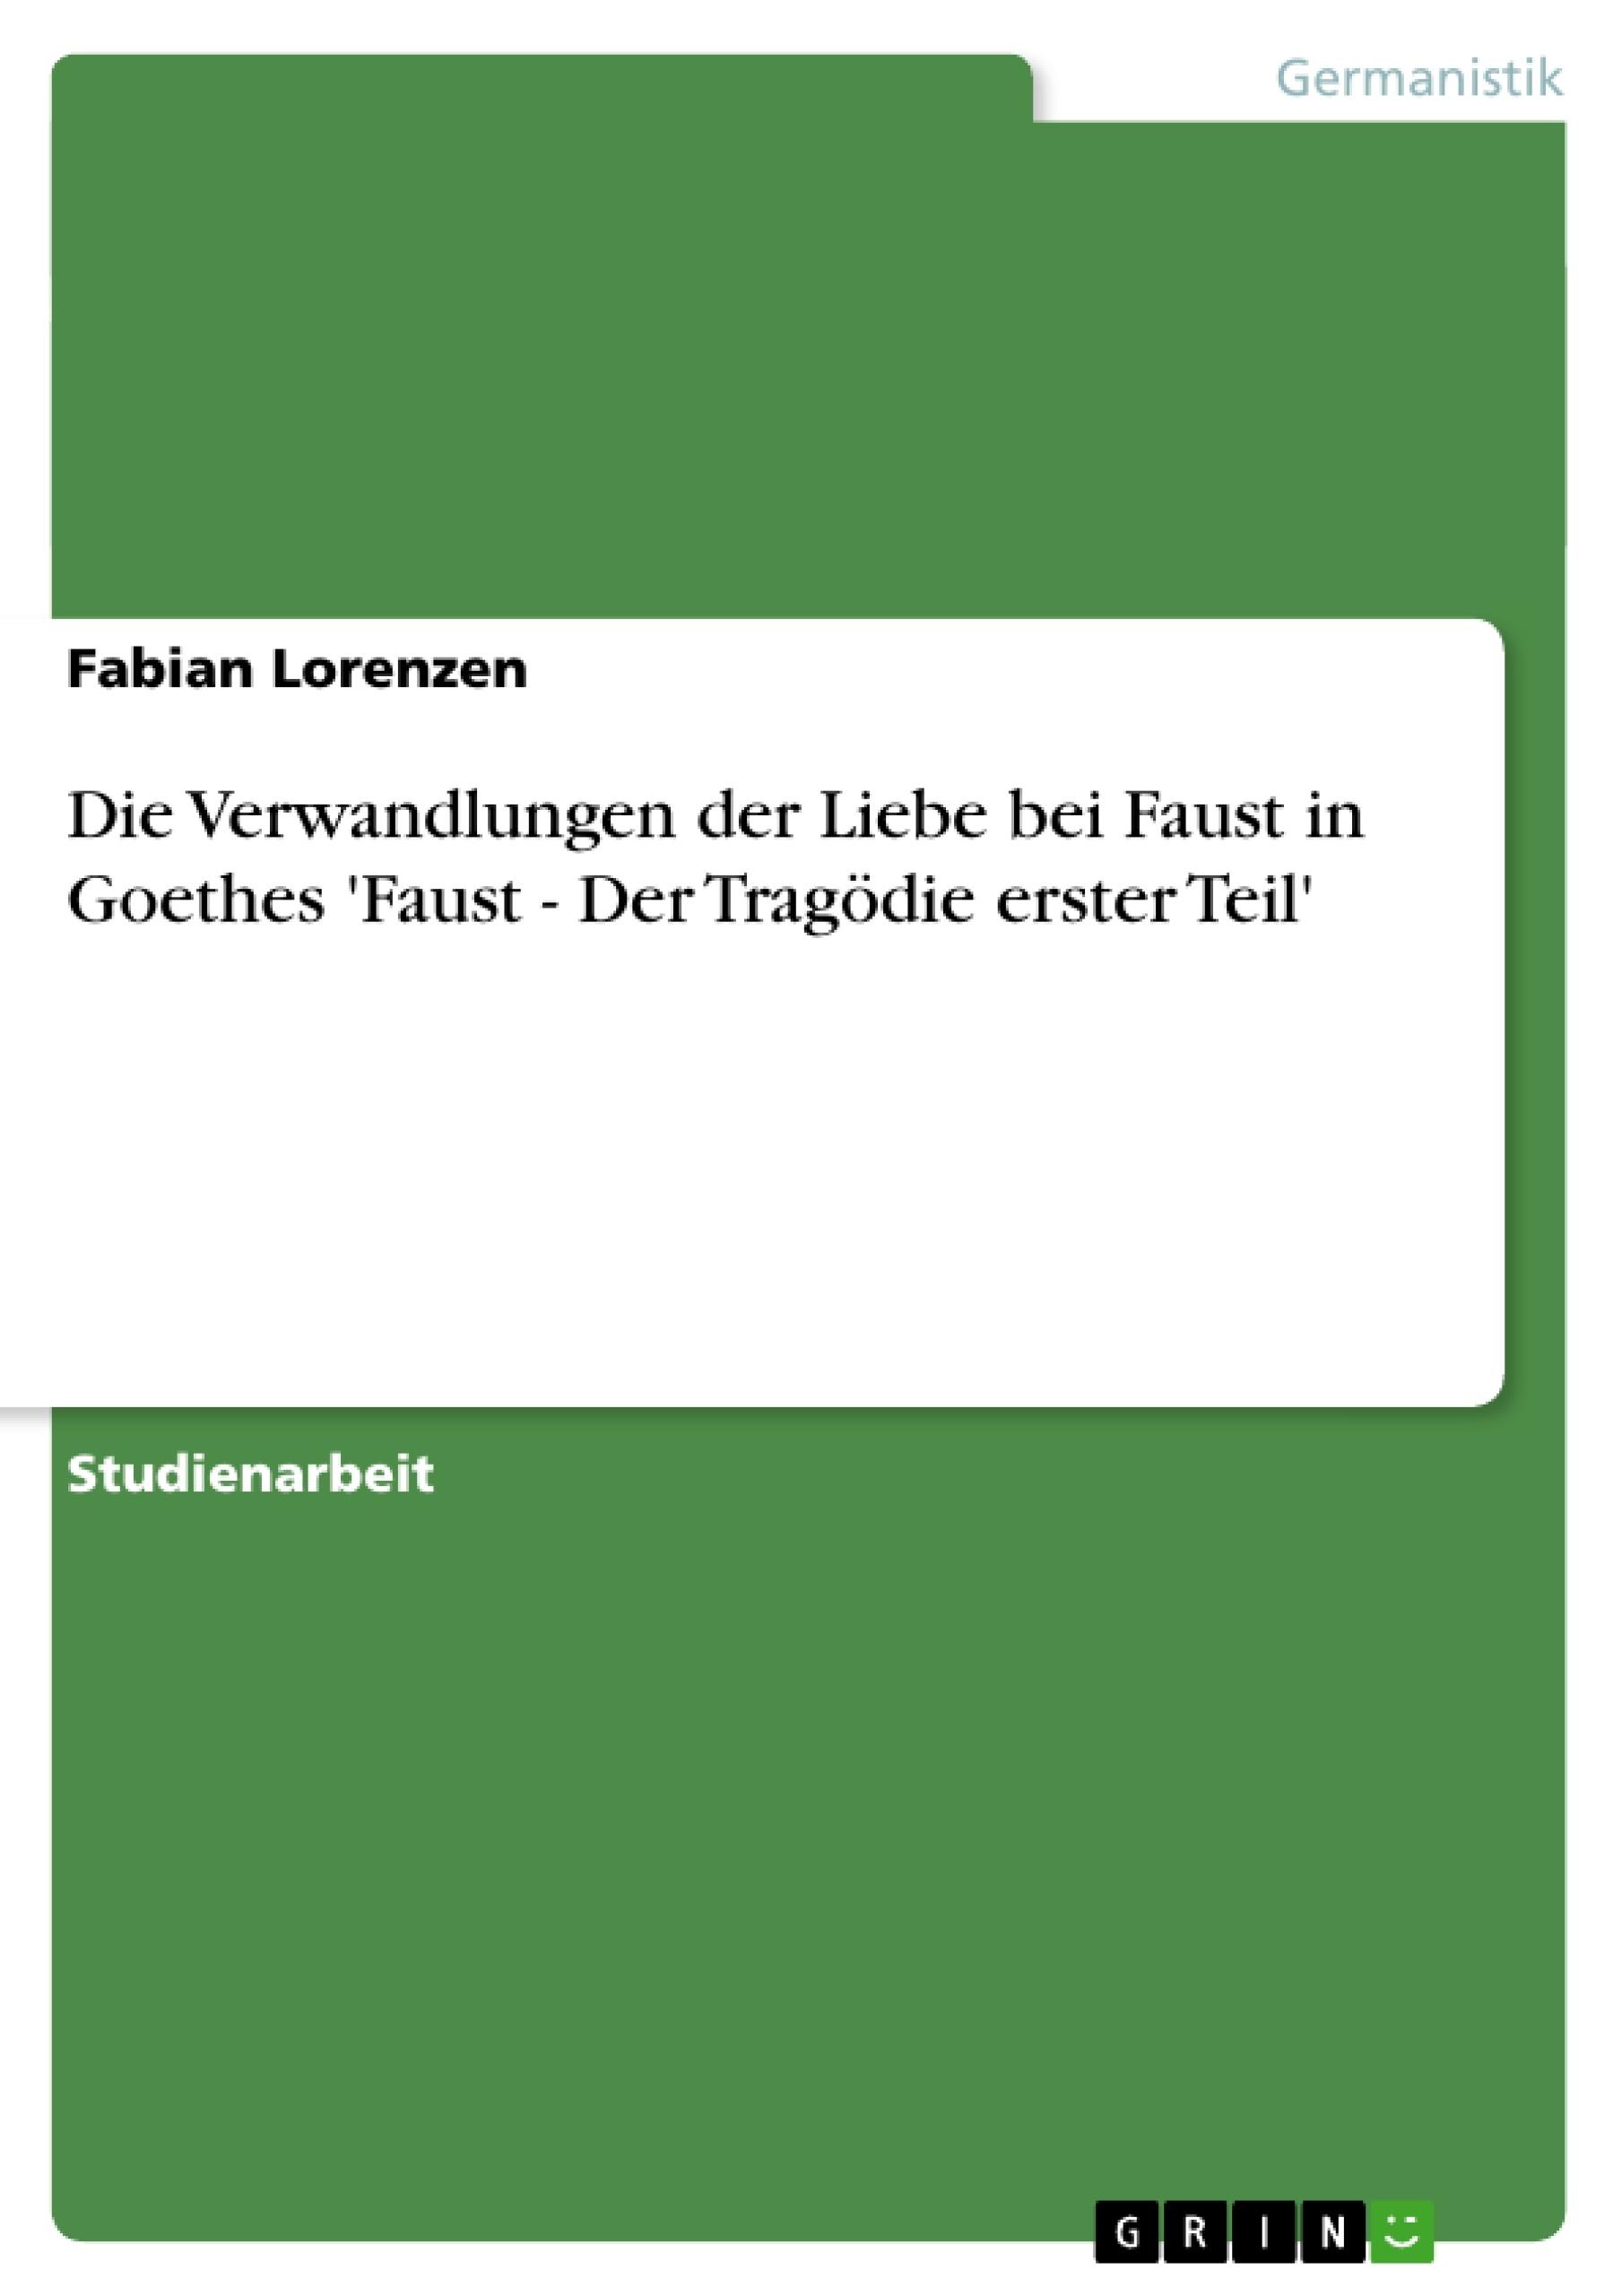 Titel: Die Verwandlungen der Liebe bei Faust in Goethes 'Faust - Der Tragödie erster Teil'